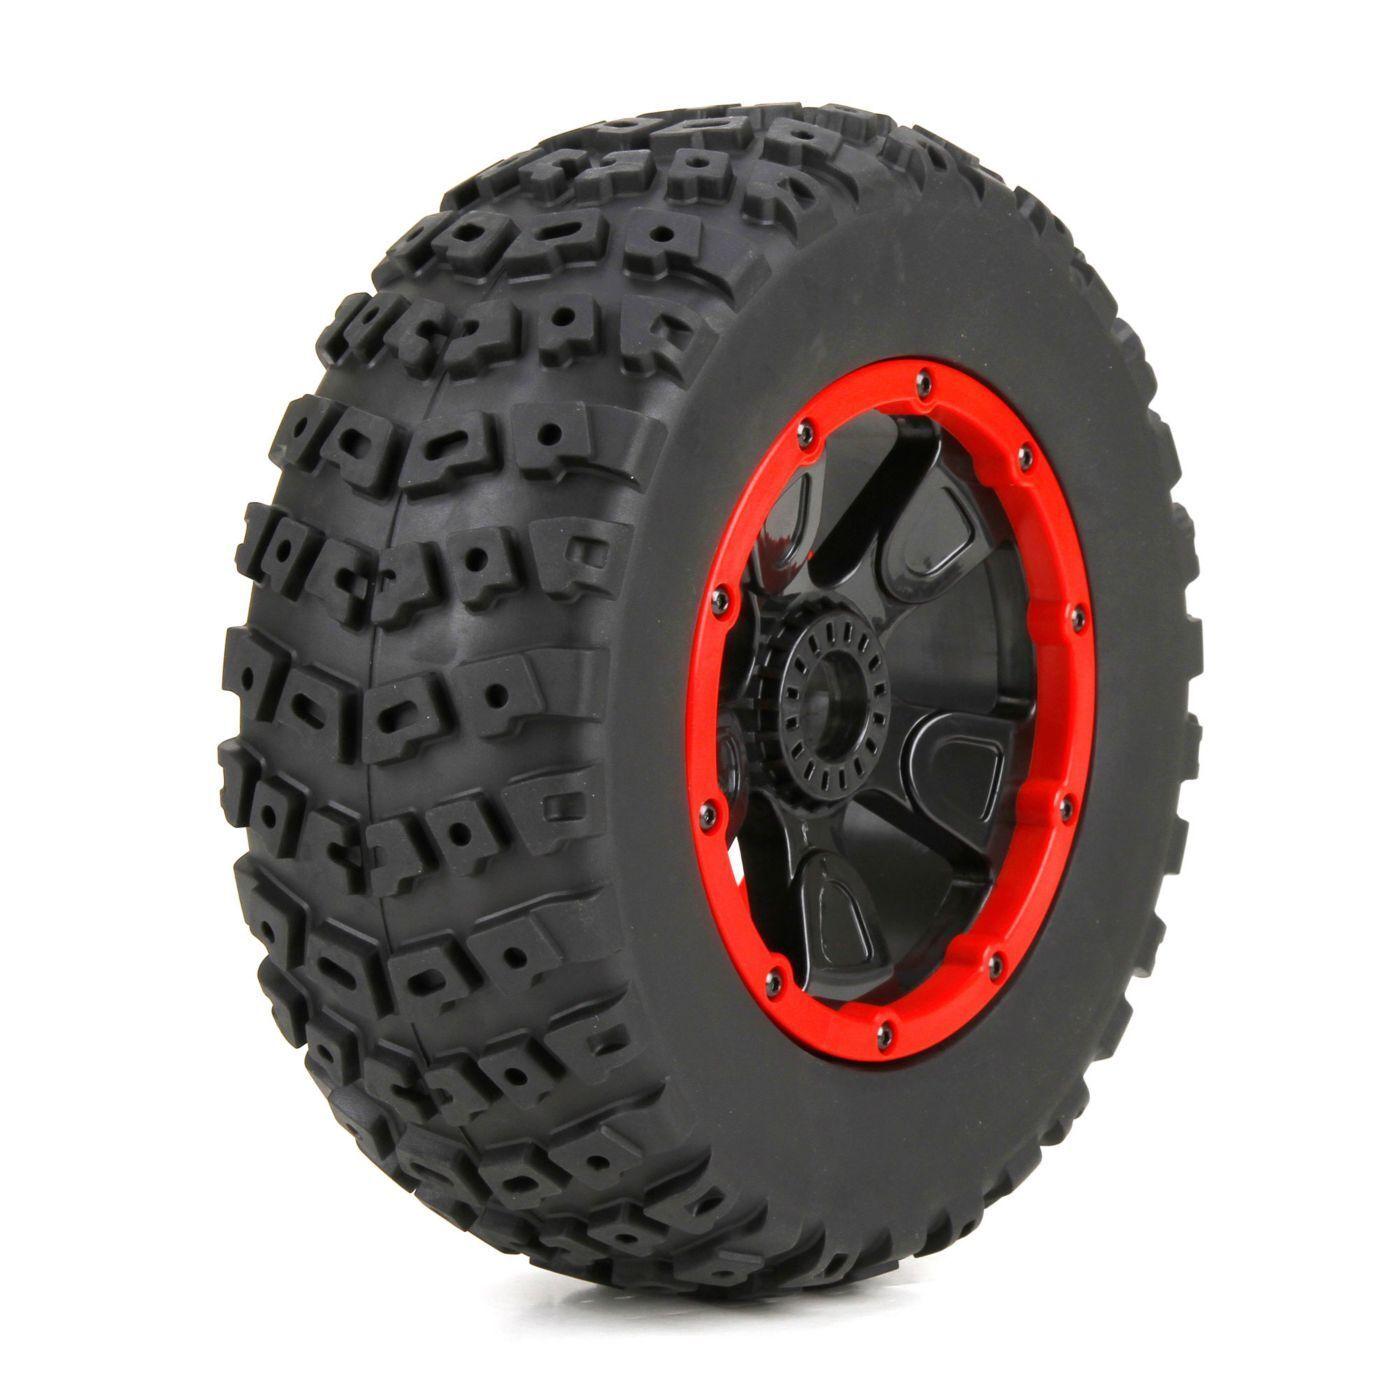 Losi Racing LOS45004 Left & Right Tire (1ea) Premounted 1 5 4wd DB XL